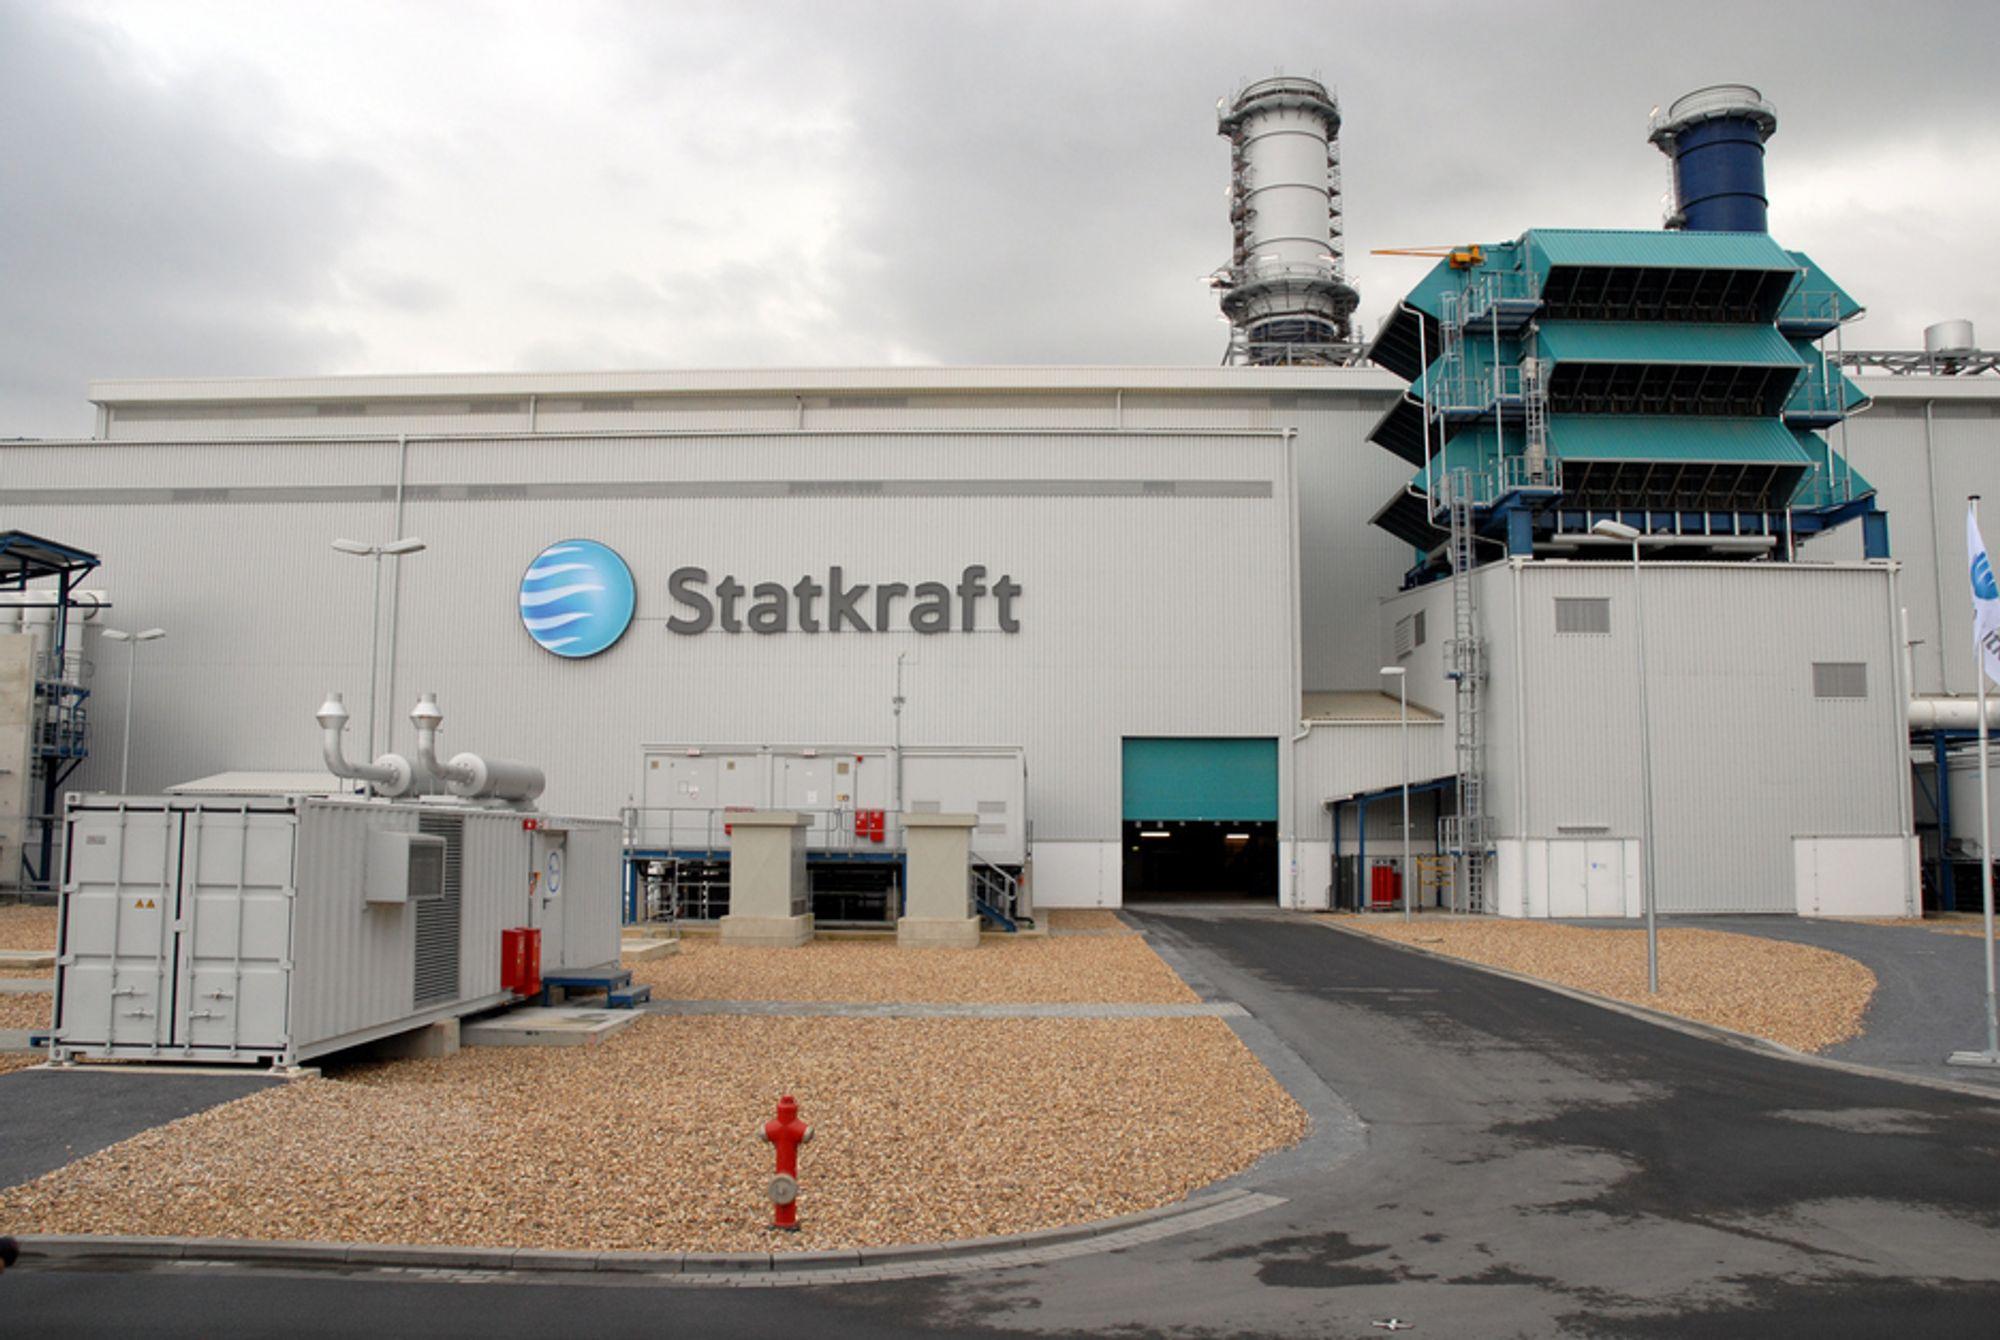 FÅR NY NABO: Gasskraftverket Knapsack på 800 MW utenfor Køln får en ny nabo. Statkraft planlegger nemlig Knapsack II på 430 MW, som Siemens skal bygge for dem.